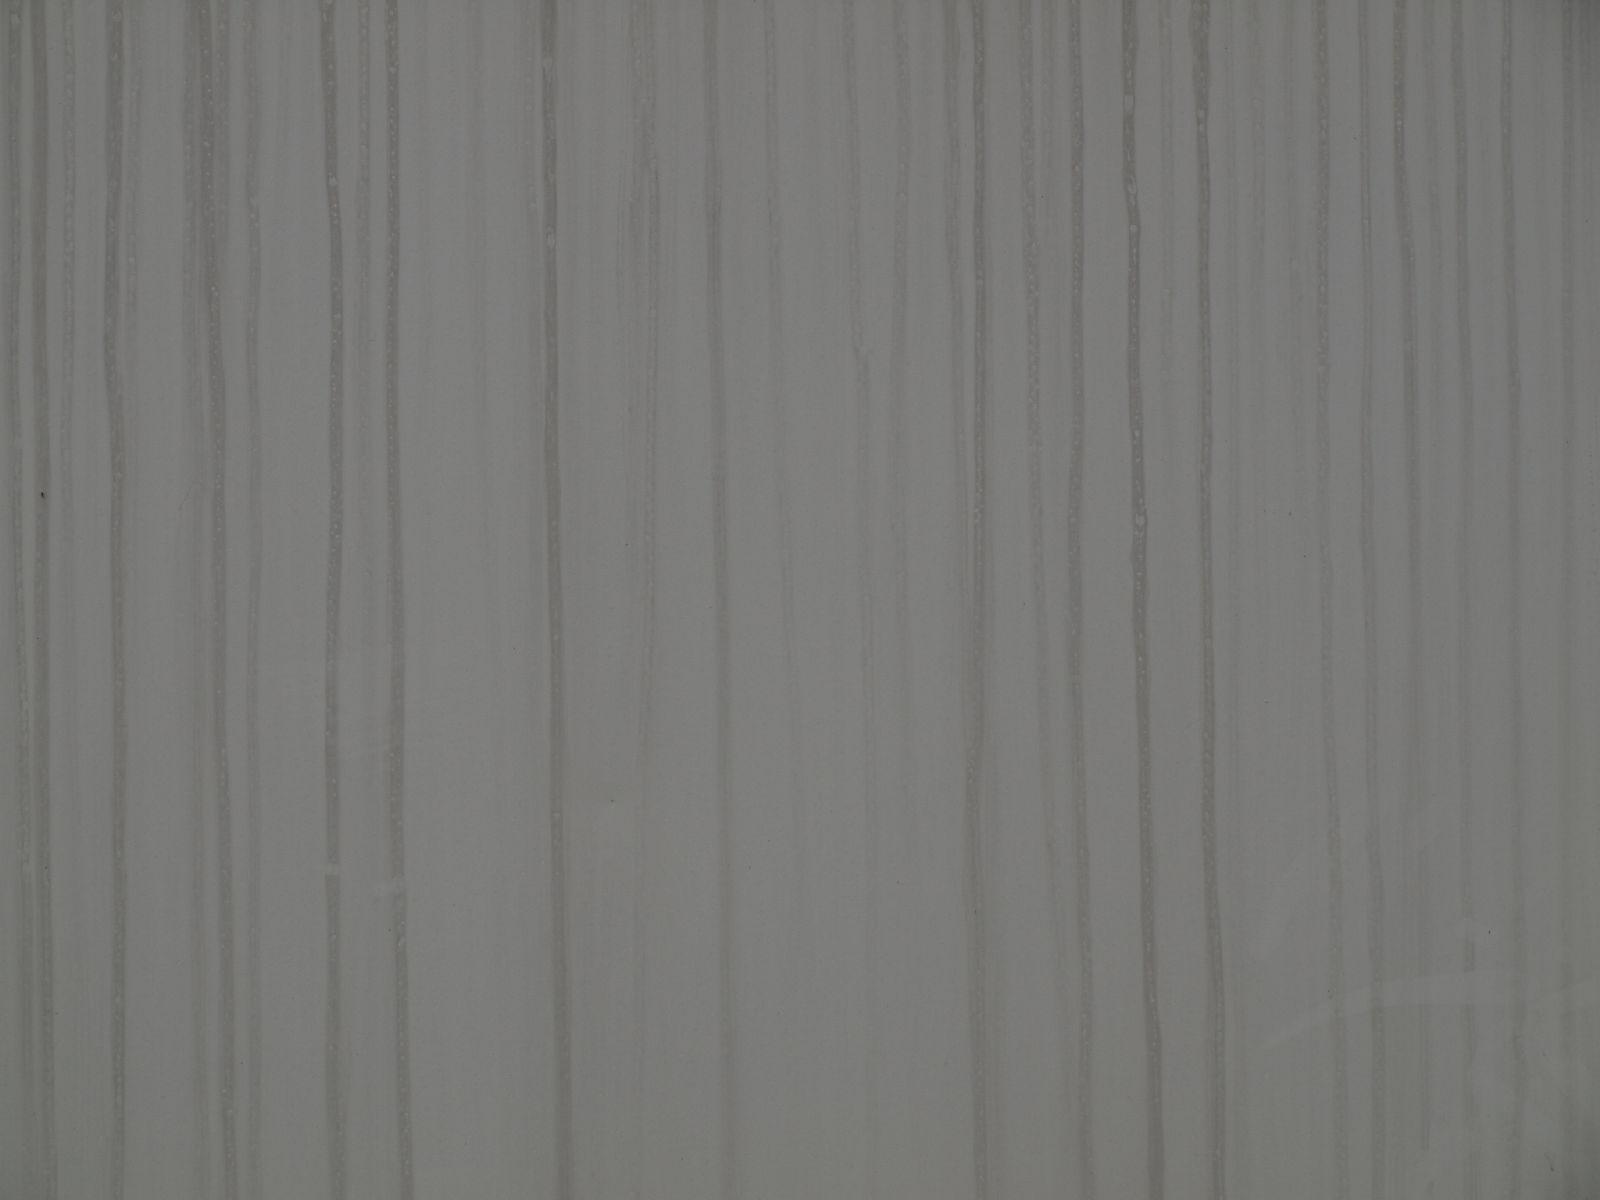 Grunge-Dreck_Textur_A_P4131219